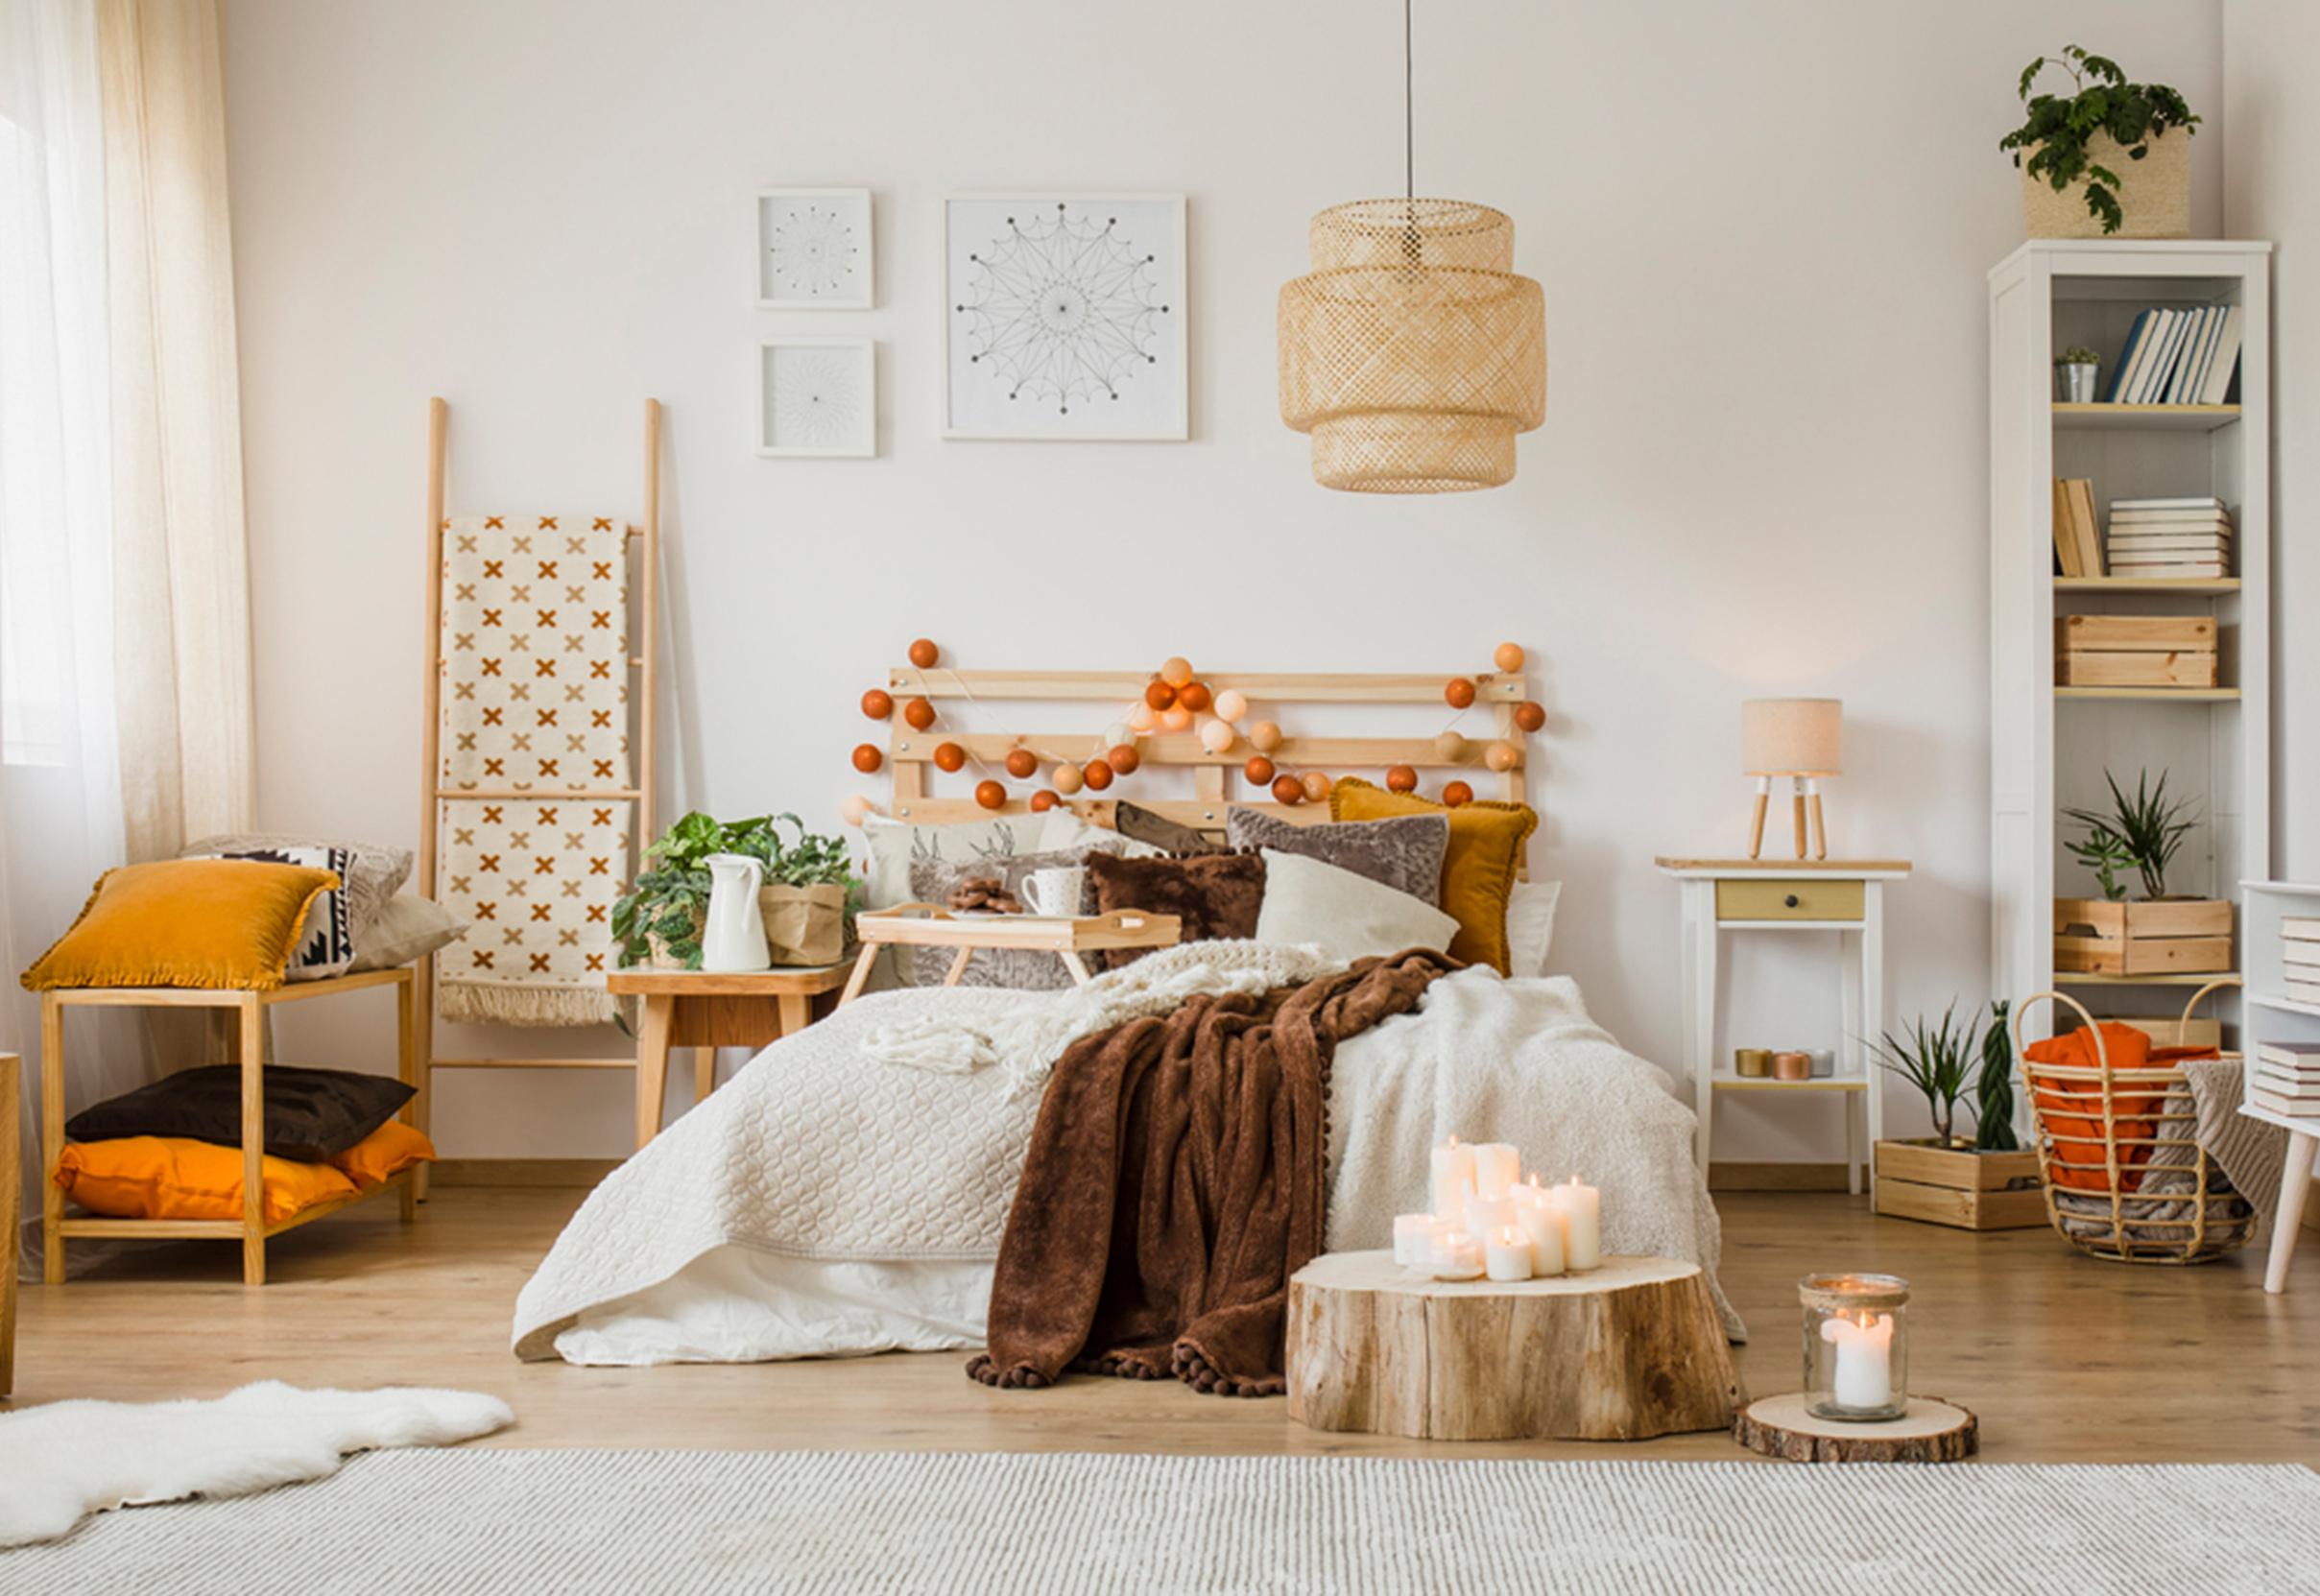 Arredare casa in autunno consigli creativi key immobiliare for Arredare casa consigli